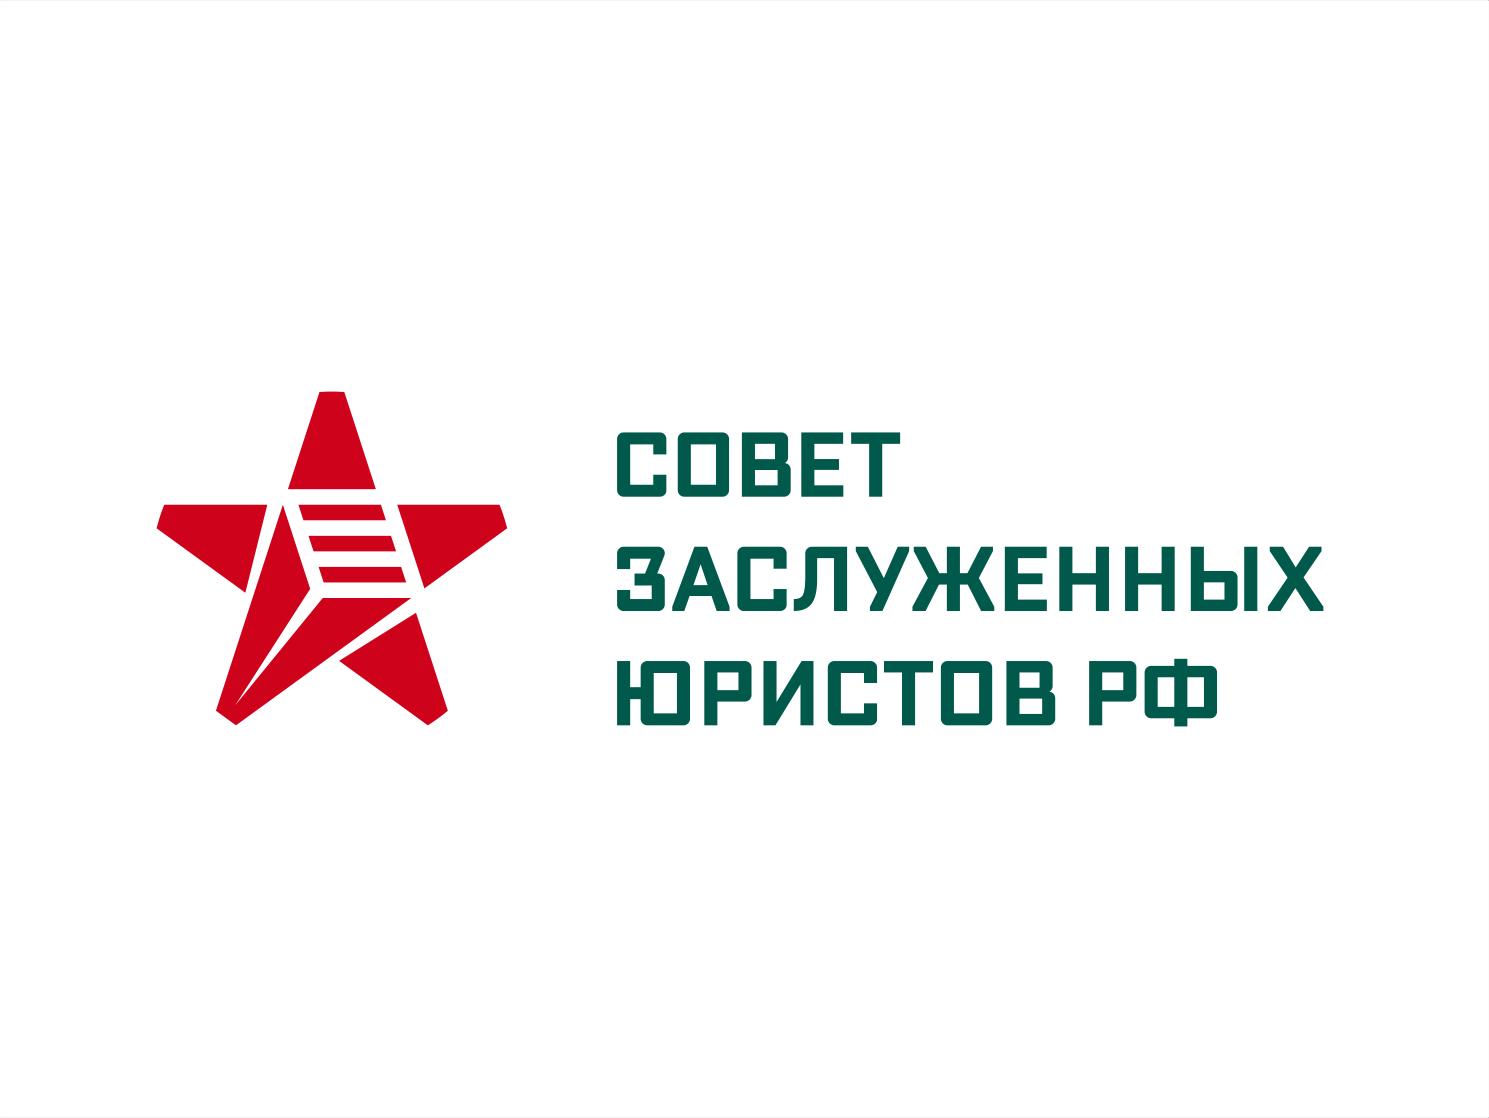 Разработка логотипа Совета (Клуба) заслуженных юристов Российской Федерации фото f_3555e42bdbc4a8c9.png